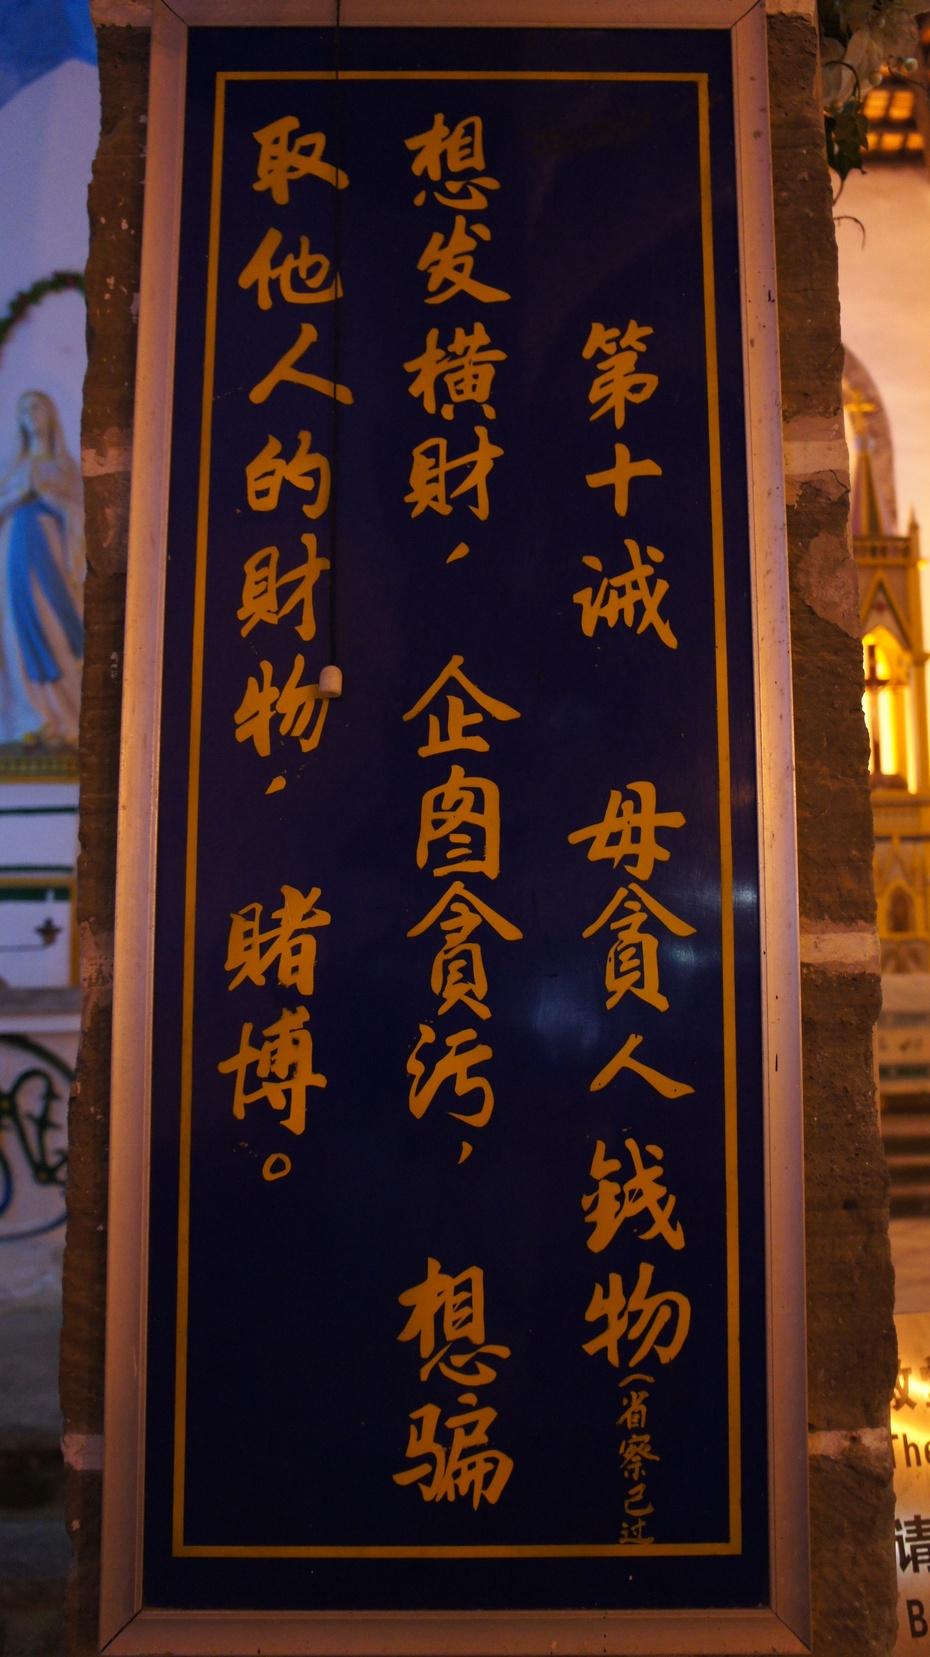 北海涠洲岛:天主堂和香蕉园 - 余昌国 - 我的博客